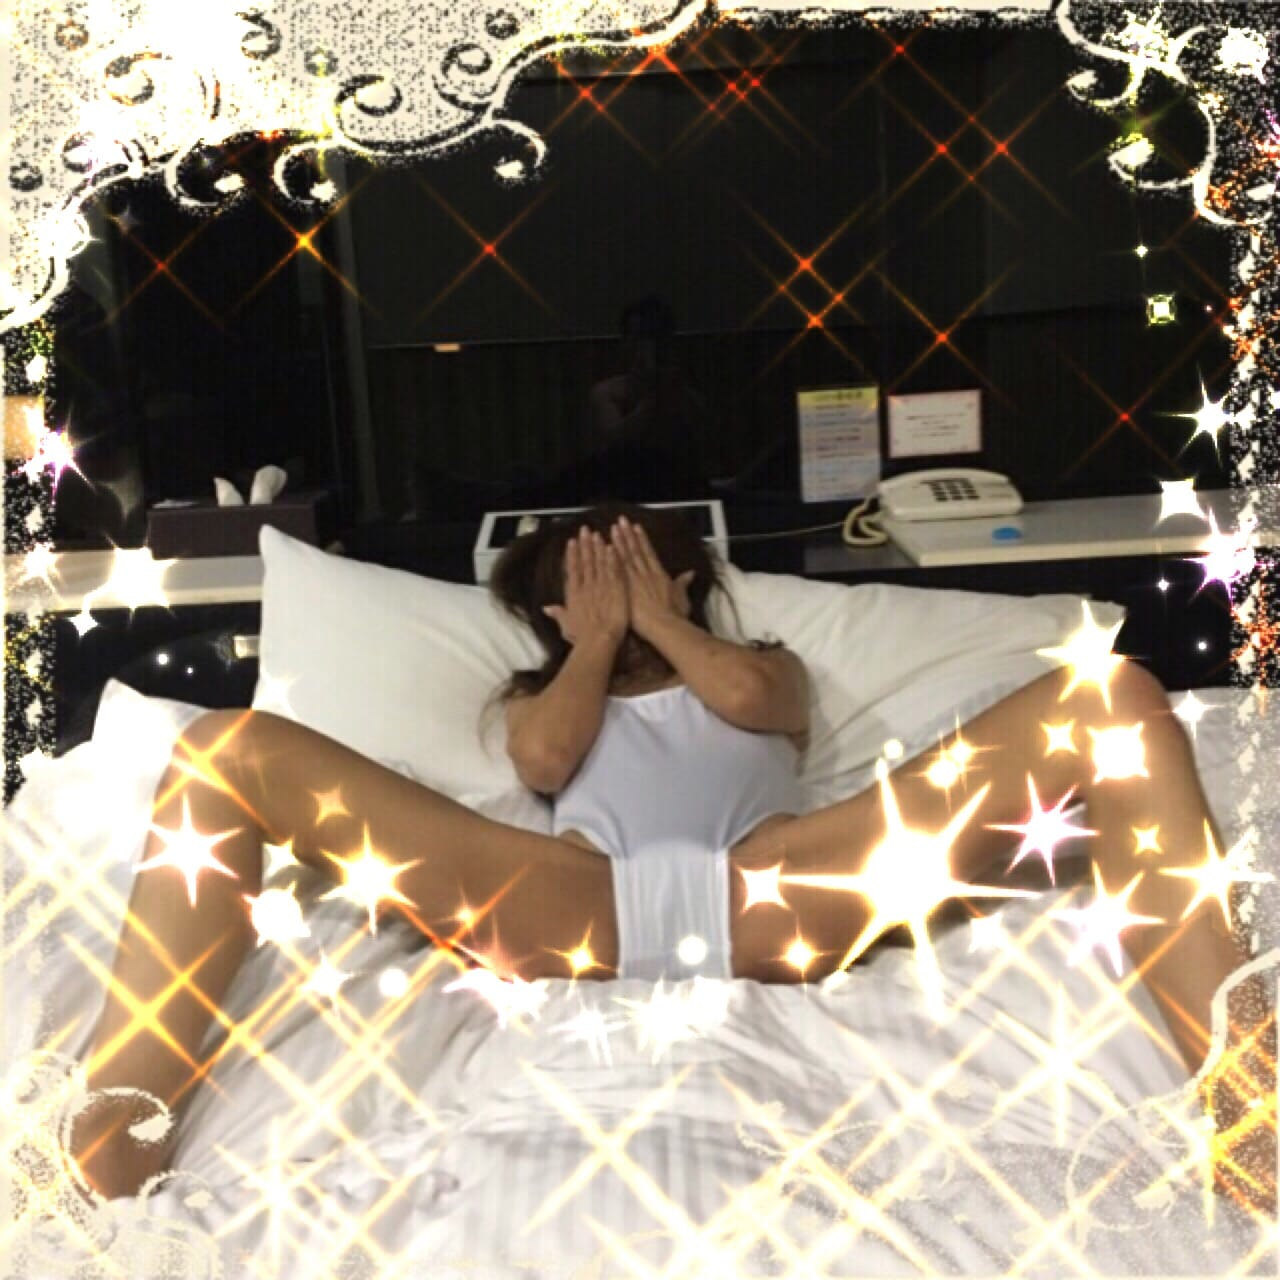 なみ「おはようございます(^ヘ^)v」06/05(月) 22:56 | なみの写メ・風俗動画